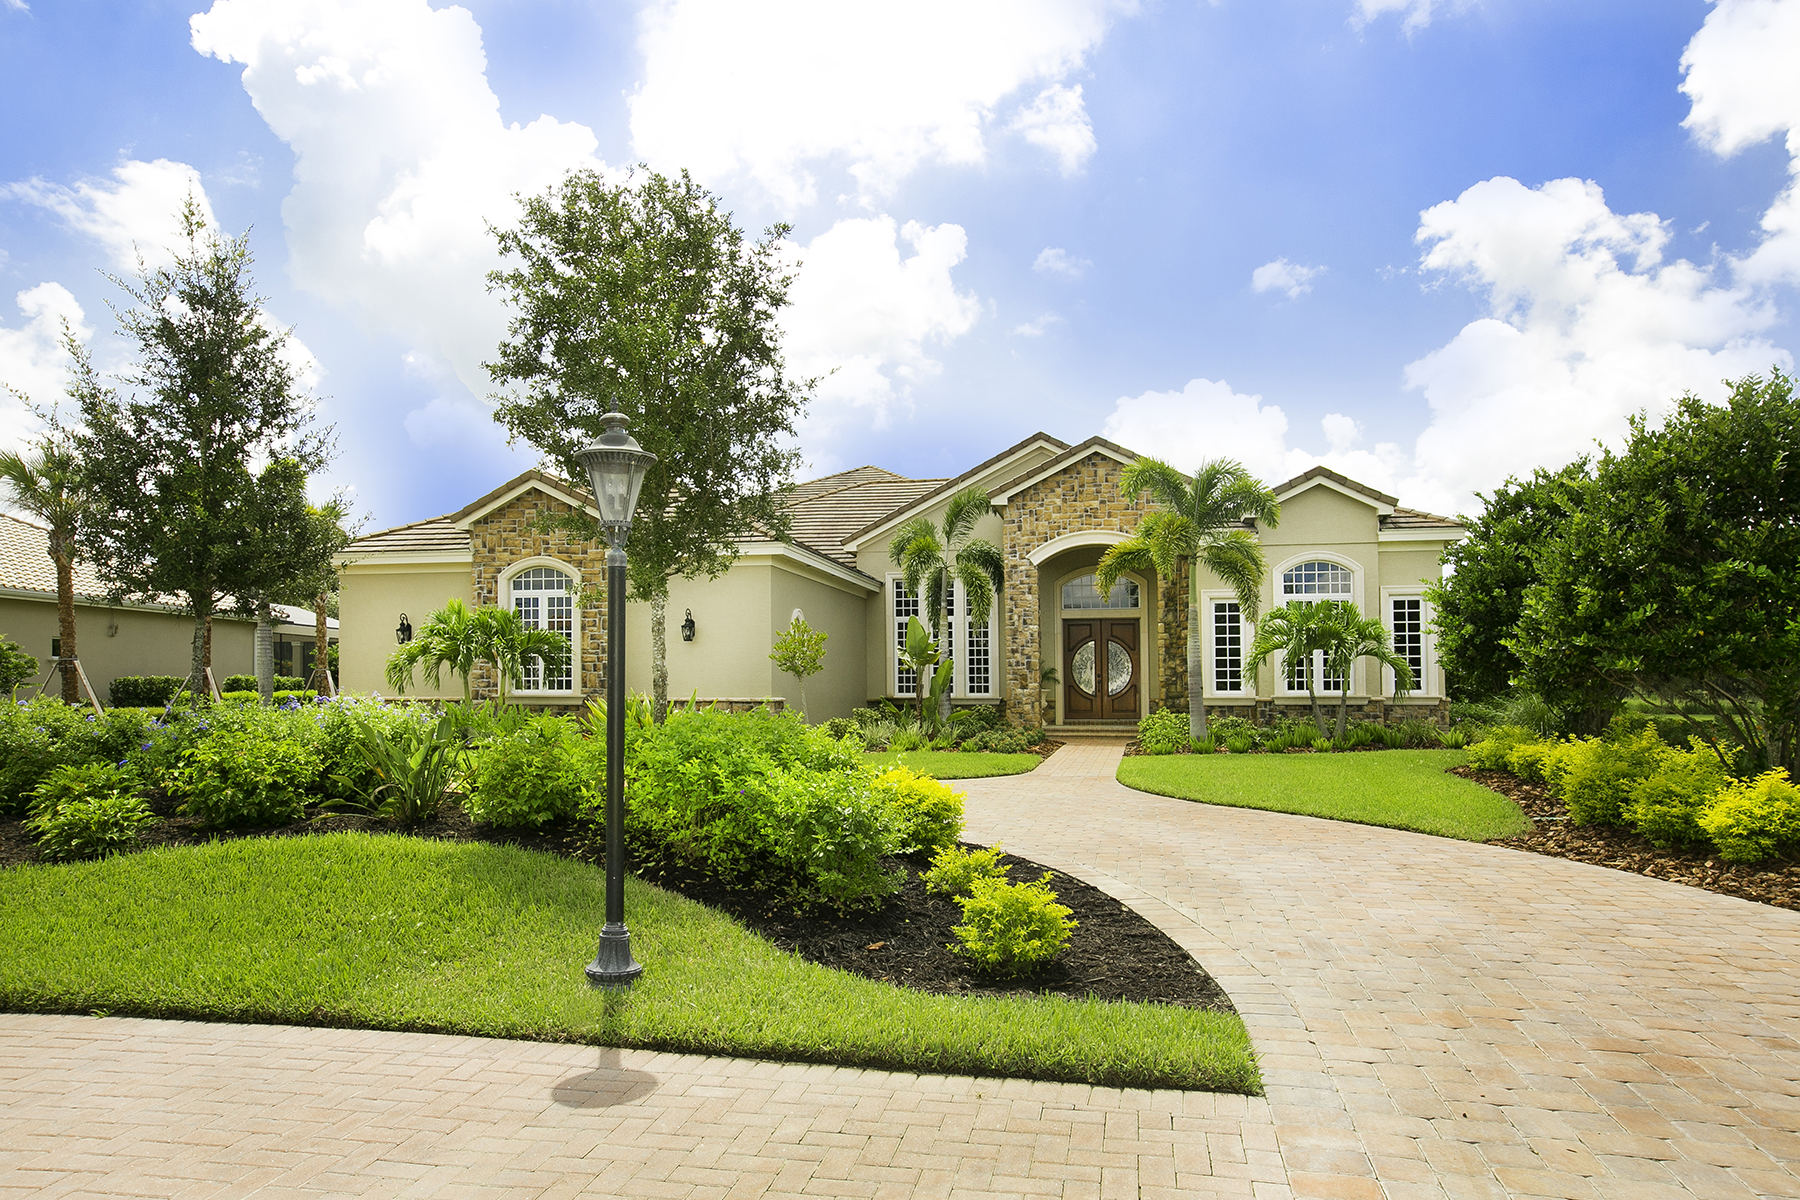 Einfamilienhaus für Verkauf beim 3348 Founders Club Dr , Sarasota, FL 34240 3348 Founders Club Dr Sarasota, Florida, 34240 Vereinigte Staaten